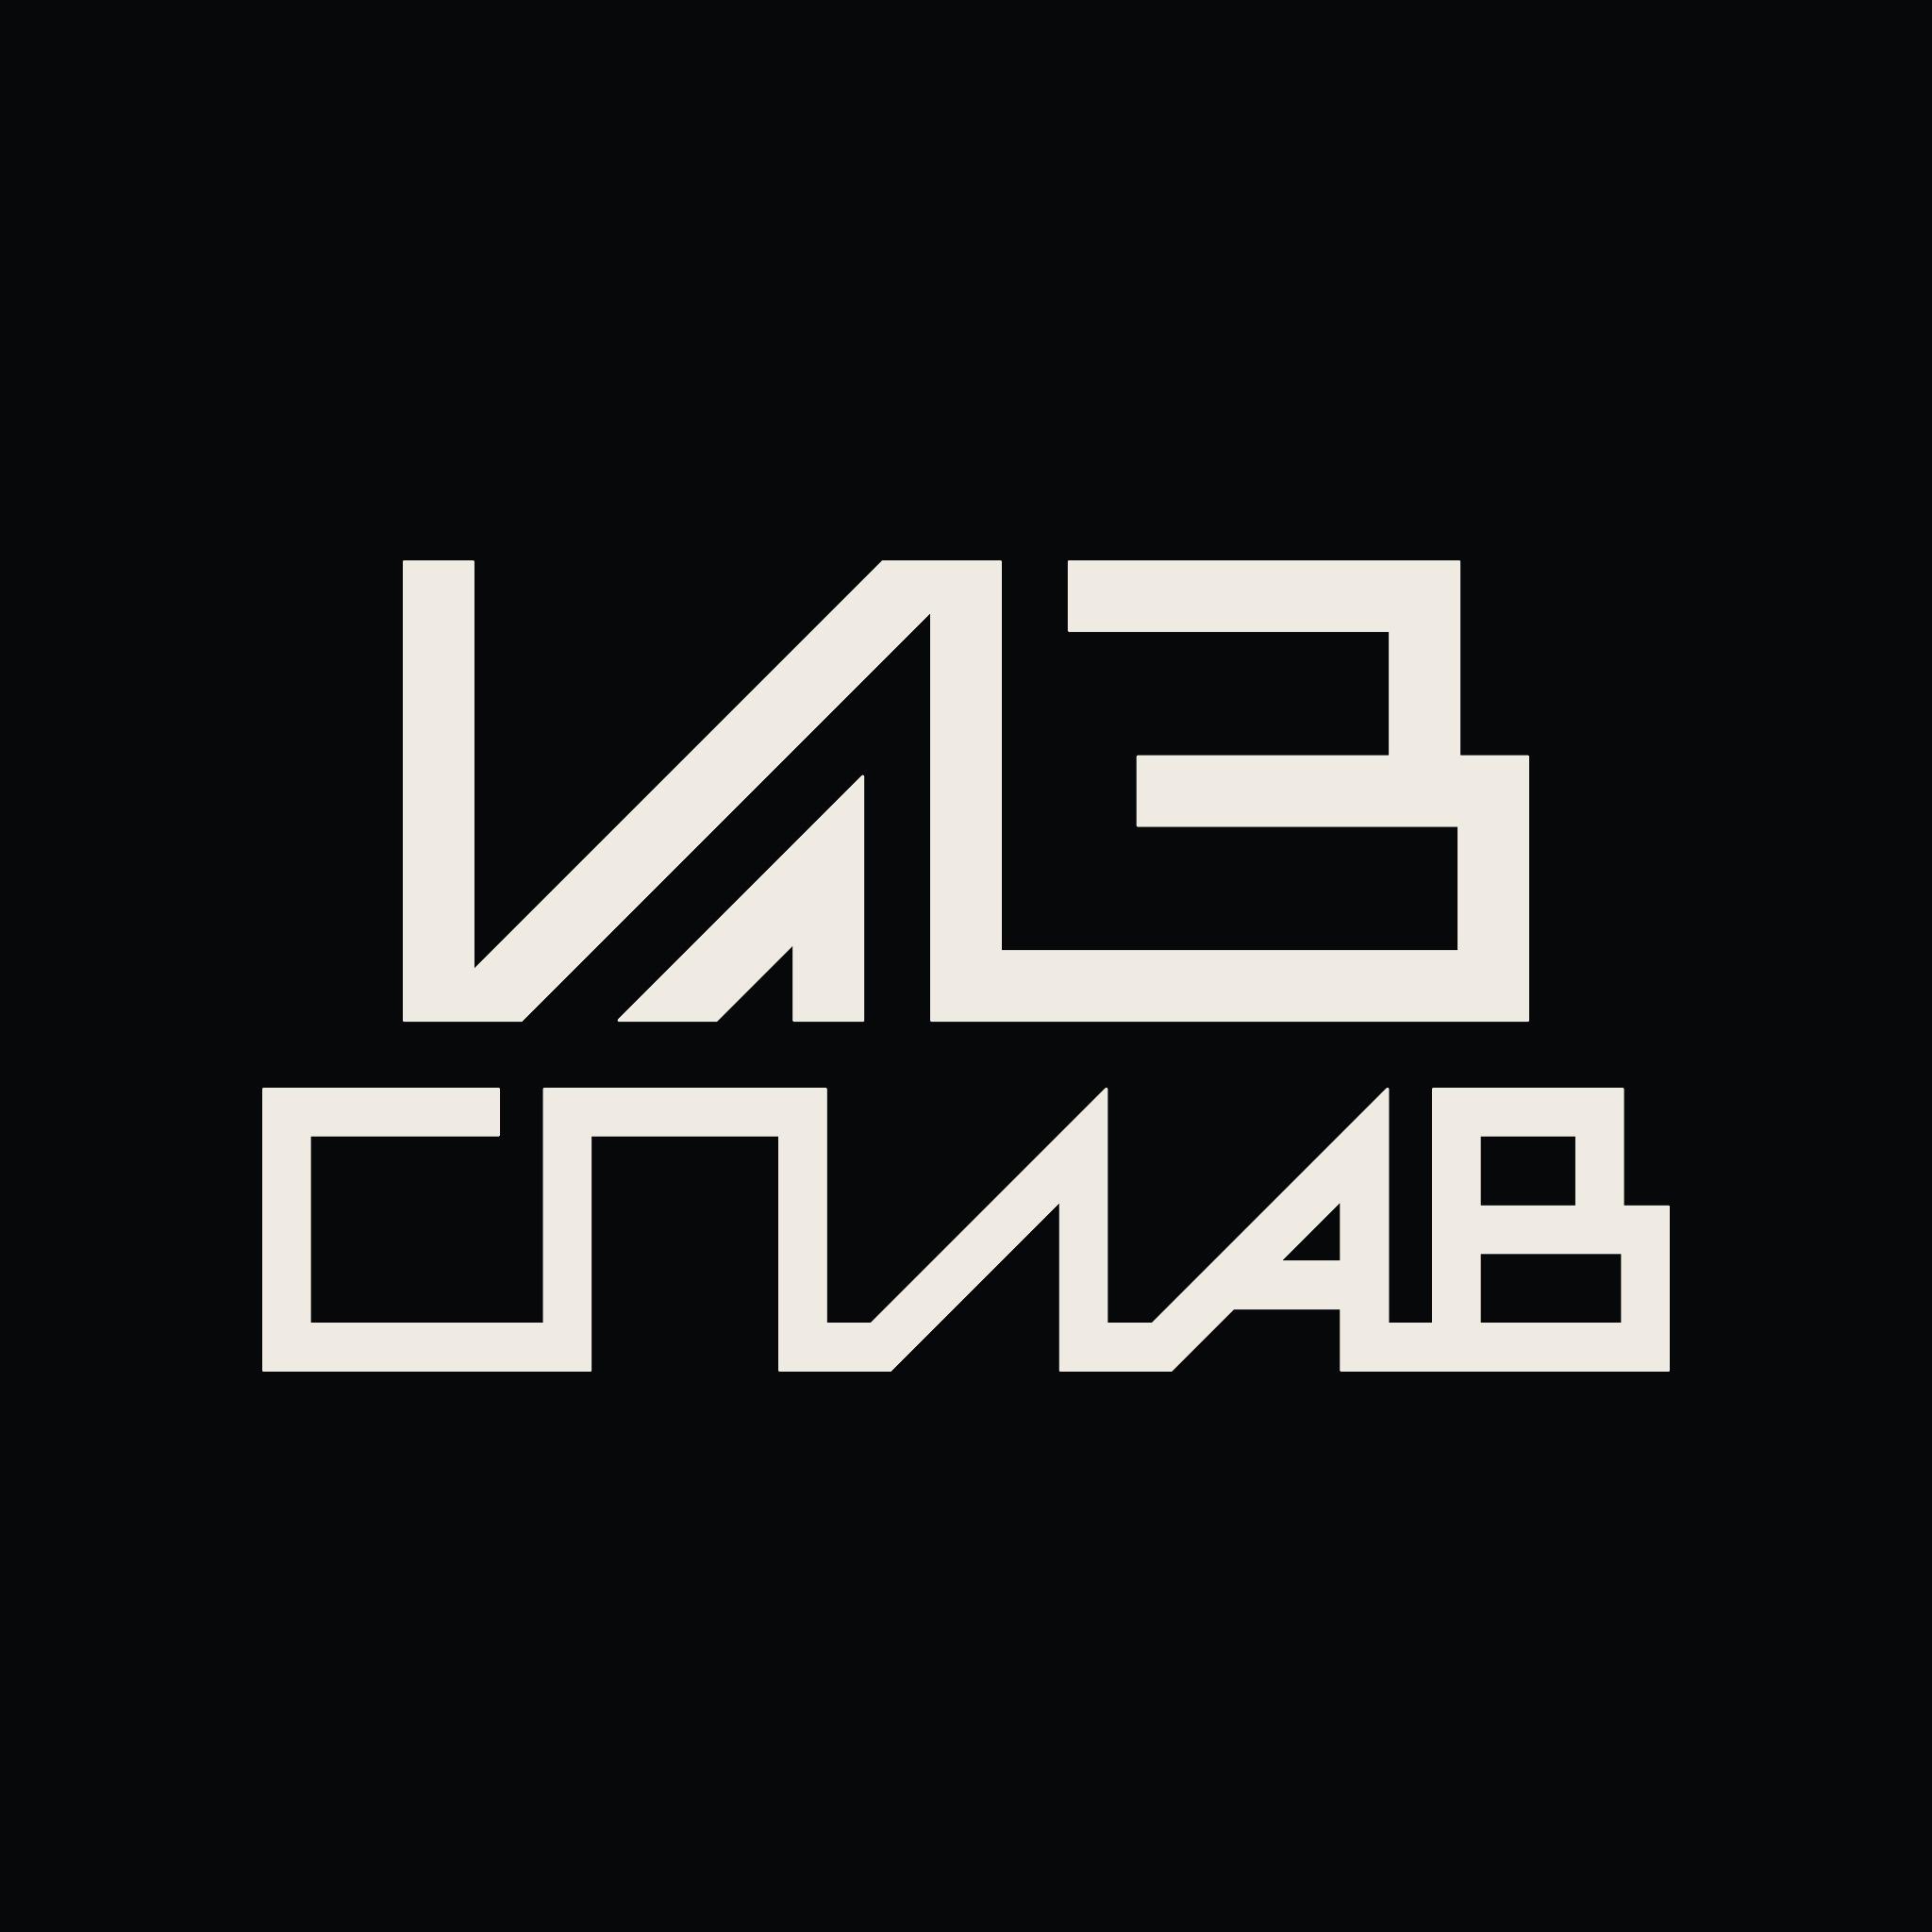 Разработать логотип для литейного завода фото f_1035afade4be5fdf.jpg